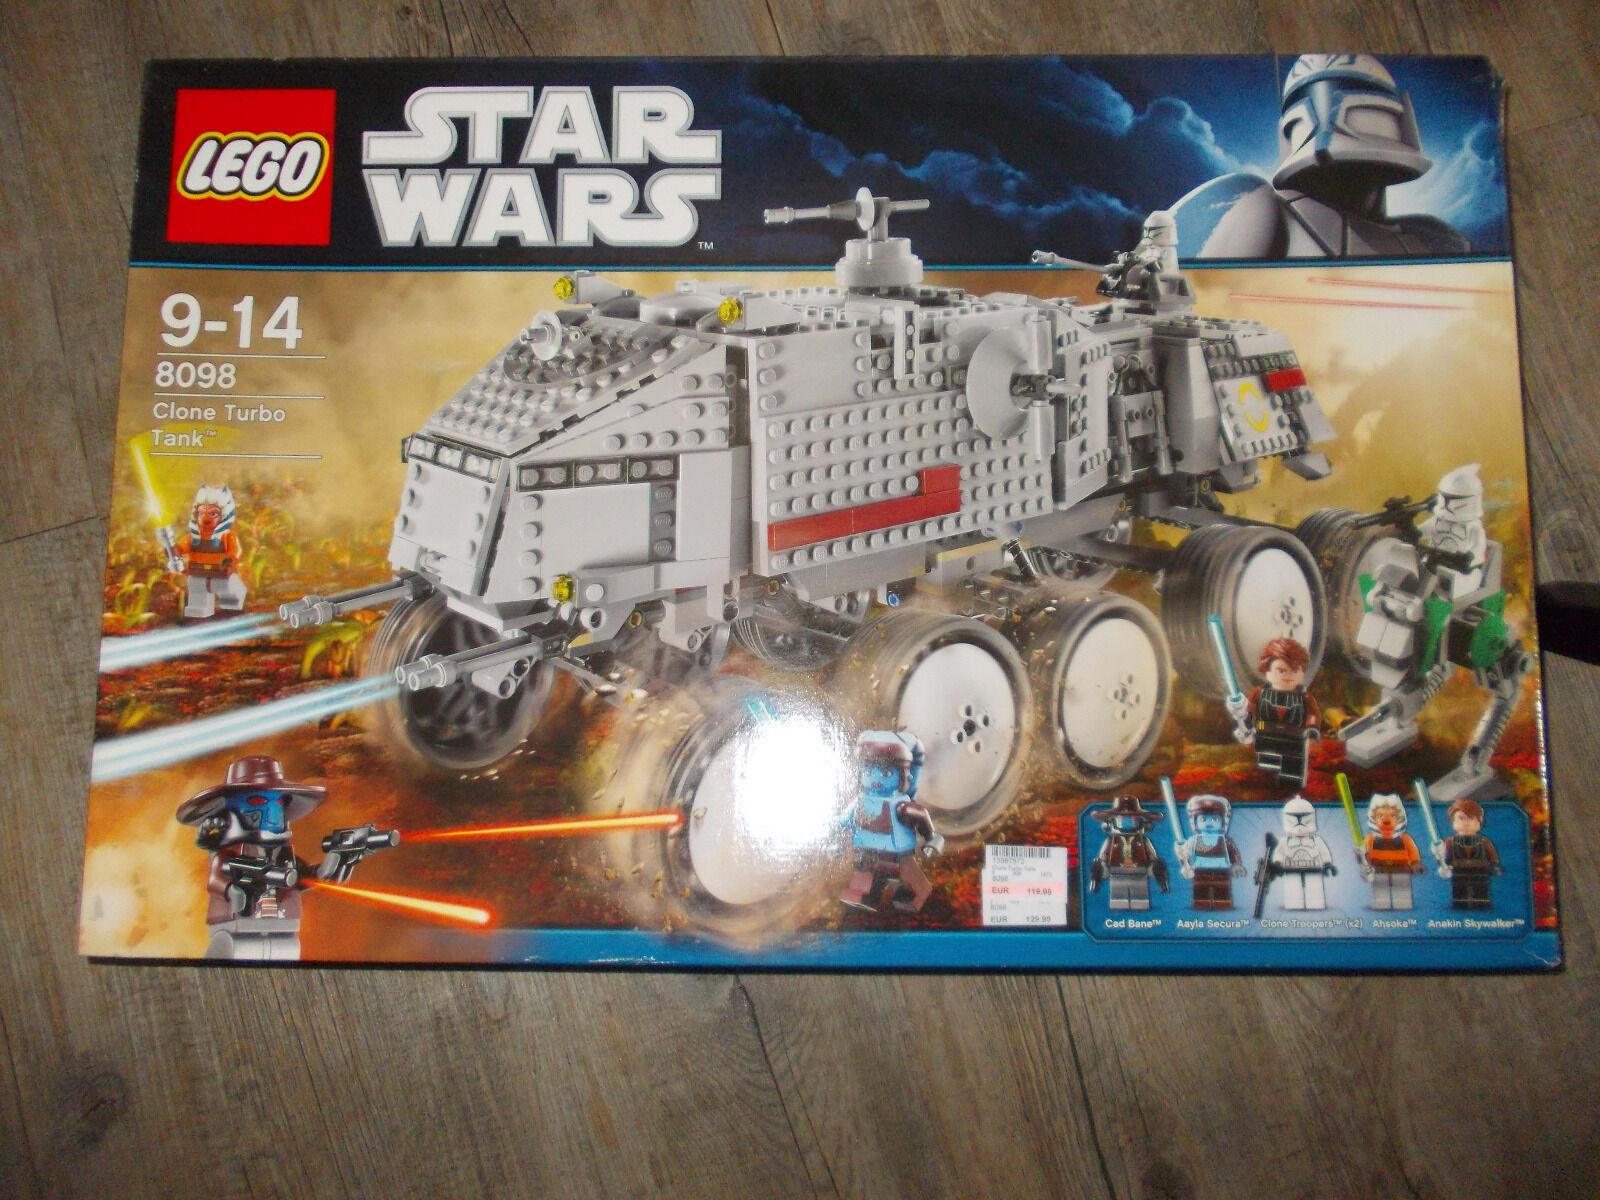 LEGO 8098 Clone Turbo Tank - neuwertig - gereinigt - mit Beschreibung im Karton